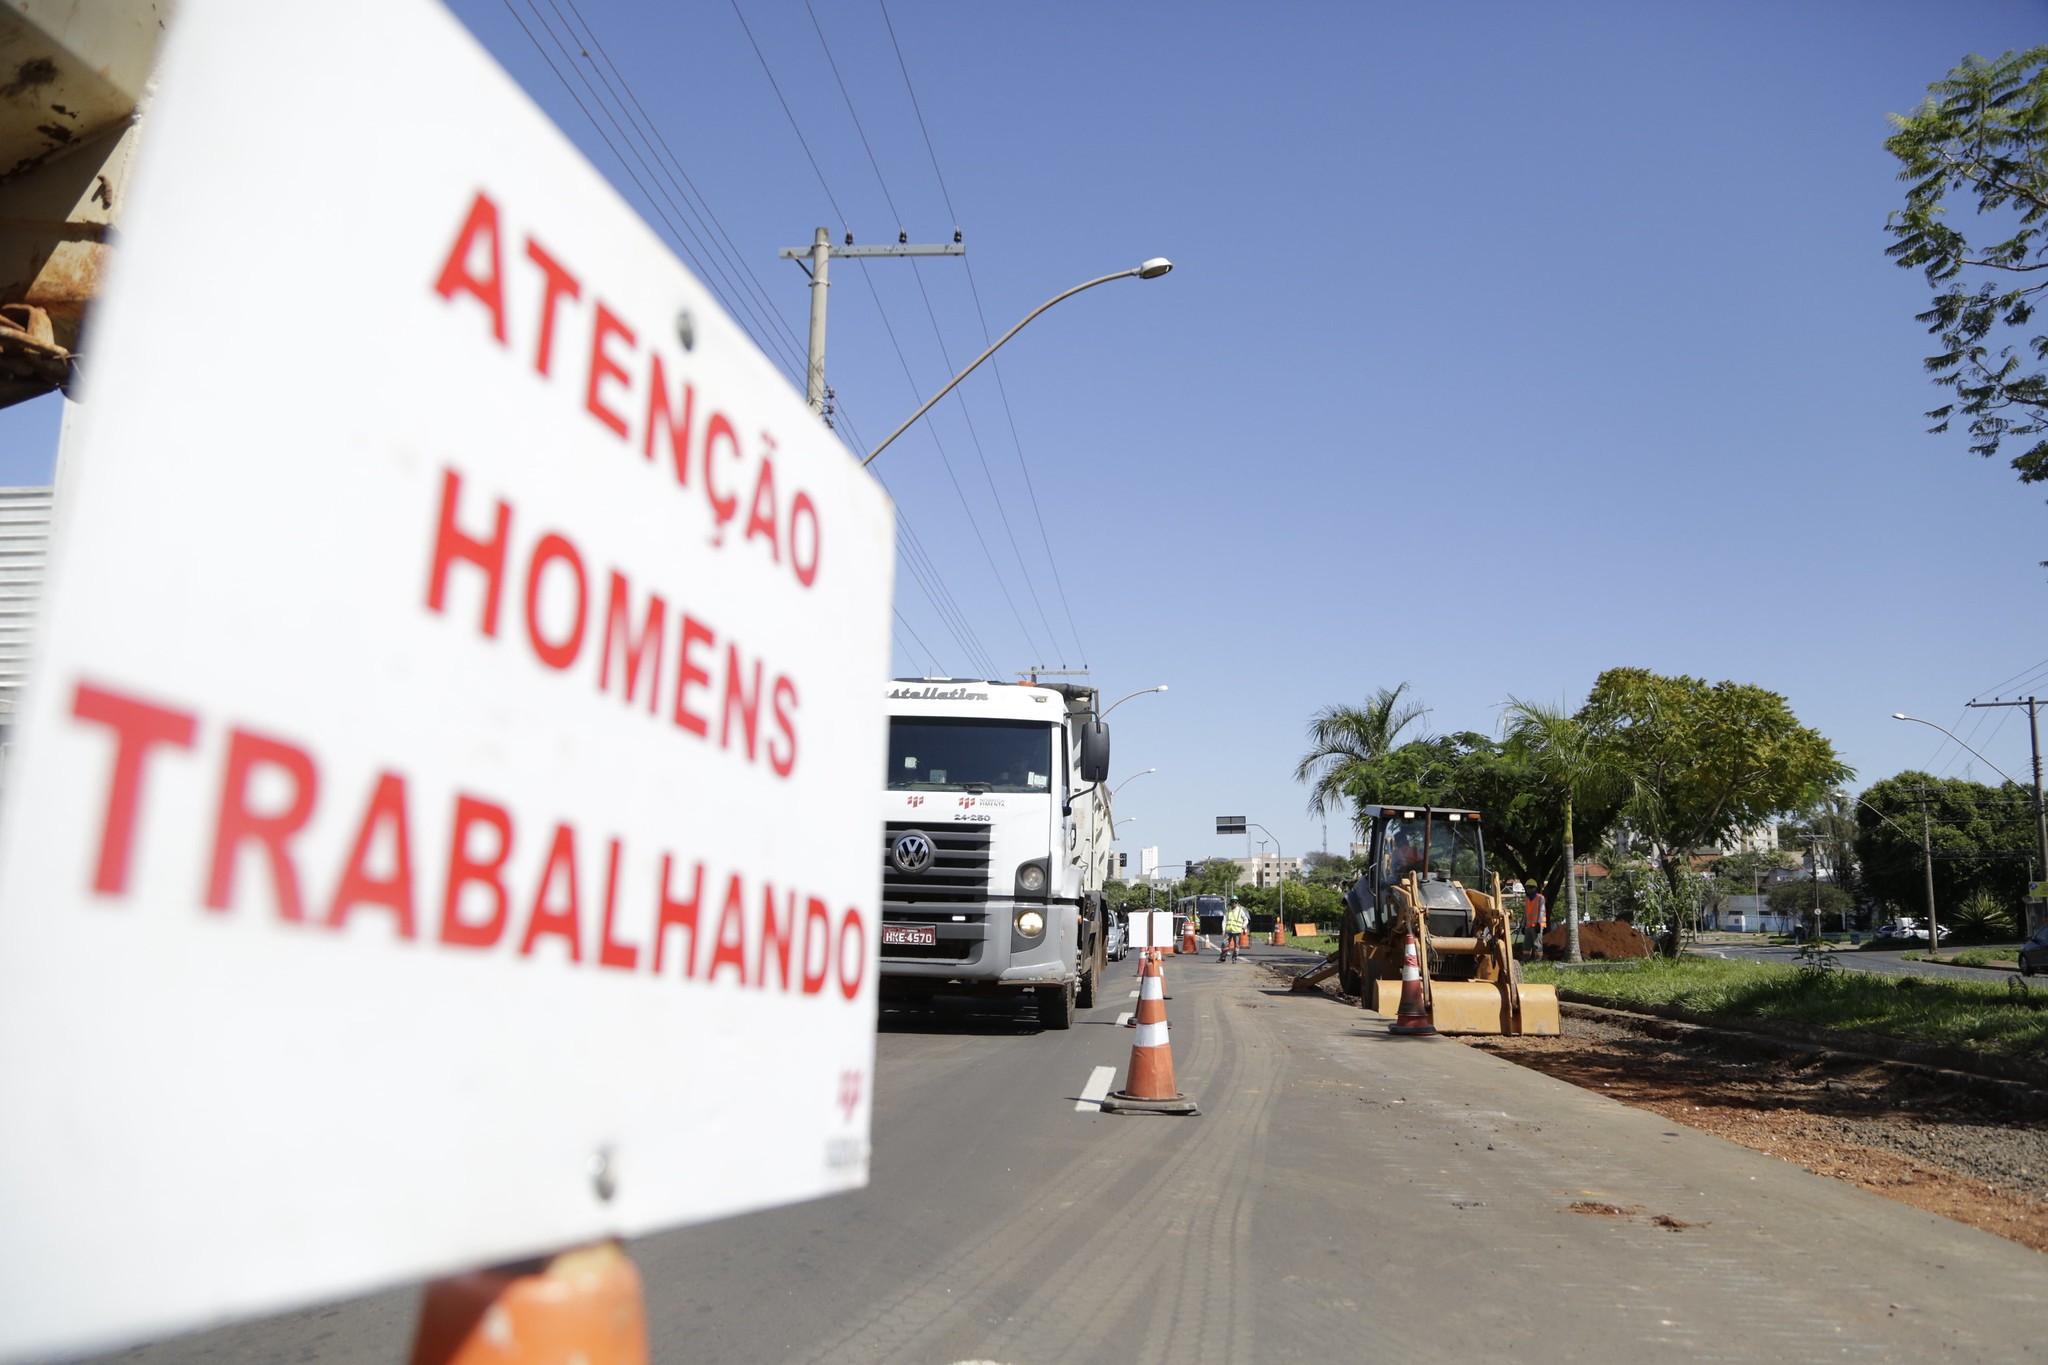 Trecho da Leopoldino de Oliveira em Uberaba será interditado para reestruturação do asfalto do corredor BRT